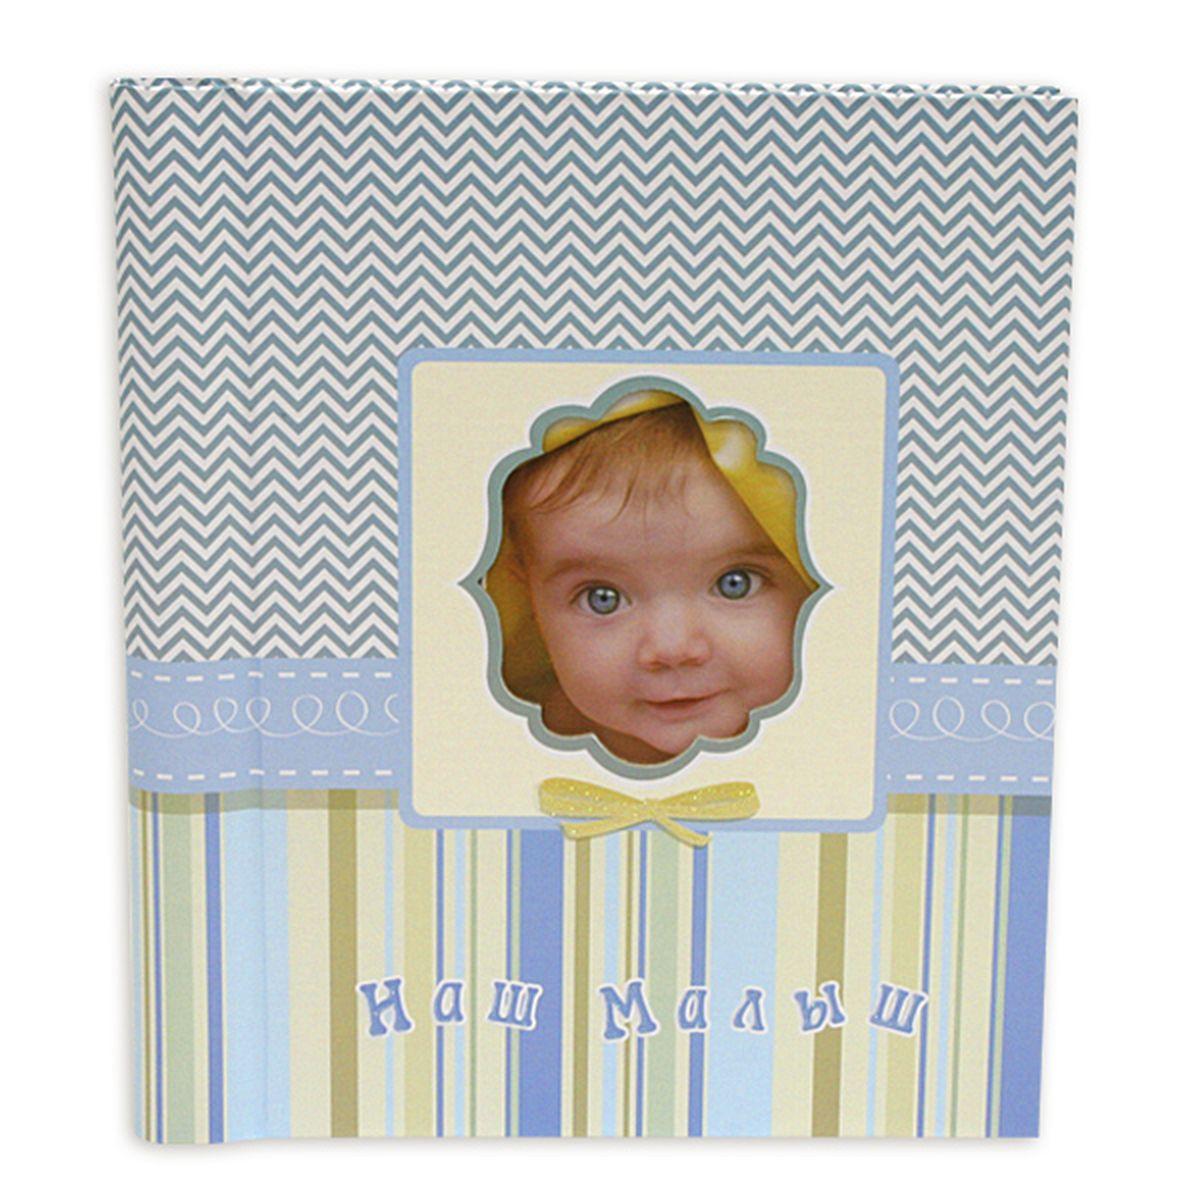 Фотокнига Pioneer Our Baby 8, 20 магнитных листов, 23 x 28 см. 46421 FAТР 5133Фотокнига Pioneer Our Baby 8 позволит вам запечатлеть моменты жизни вашего ребенка. Изделие выполнено из картона и плотной бумаги, может быть использована для создания памятного альбома в технике скрапбукинг. В книге находится 20 страниц-анкет для заполнения и рамка для фото. Всего внутри может быть расположено 20 фото. Тип скрепления: спиральФормат фотографий: 23 х 28 смМатериал страниц: бумагаТип страниц: магнитный